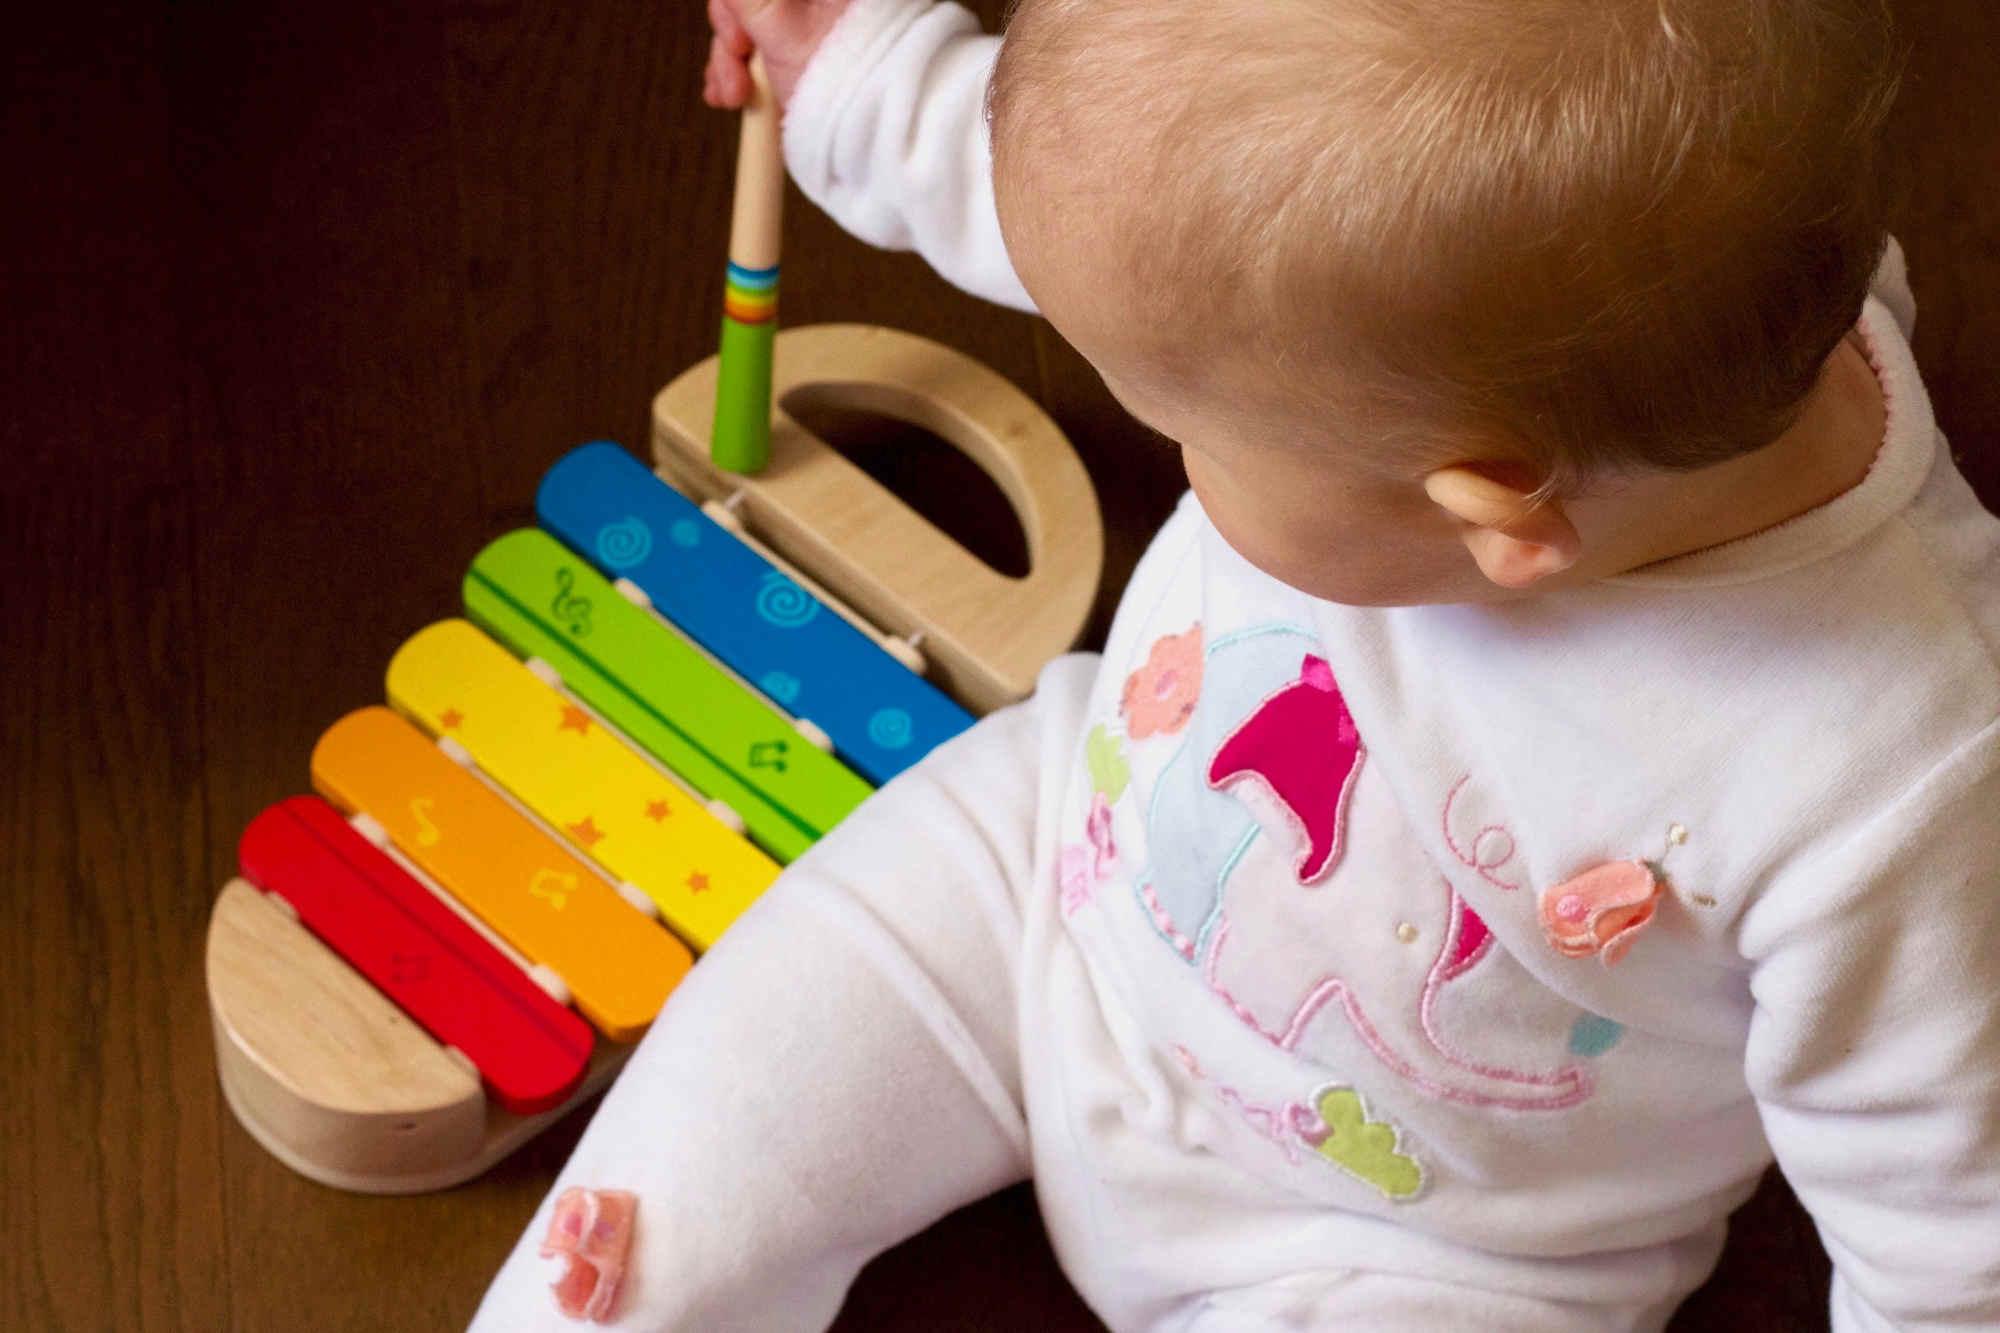 Les bienfaits de la musique à des fins thérapeutiques se confirment sans fausse note